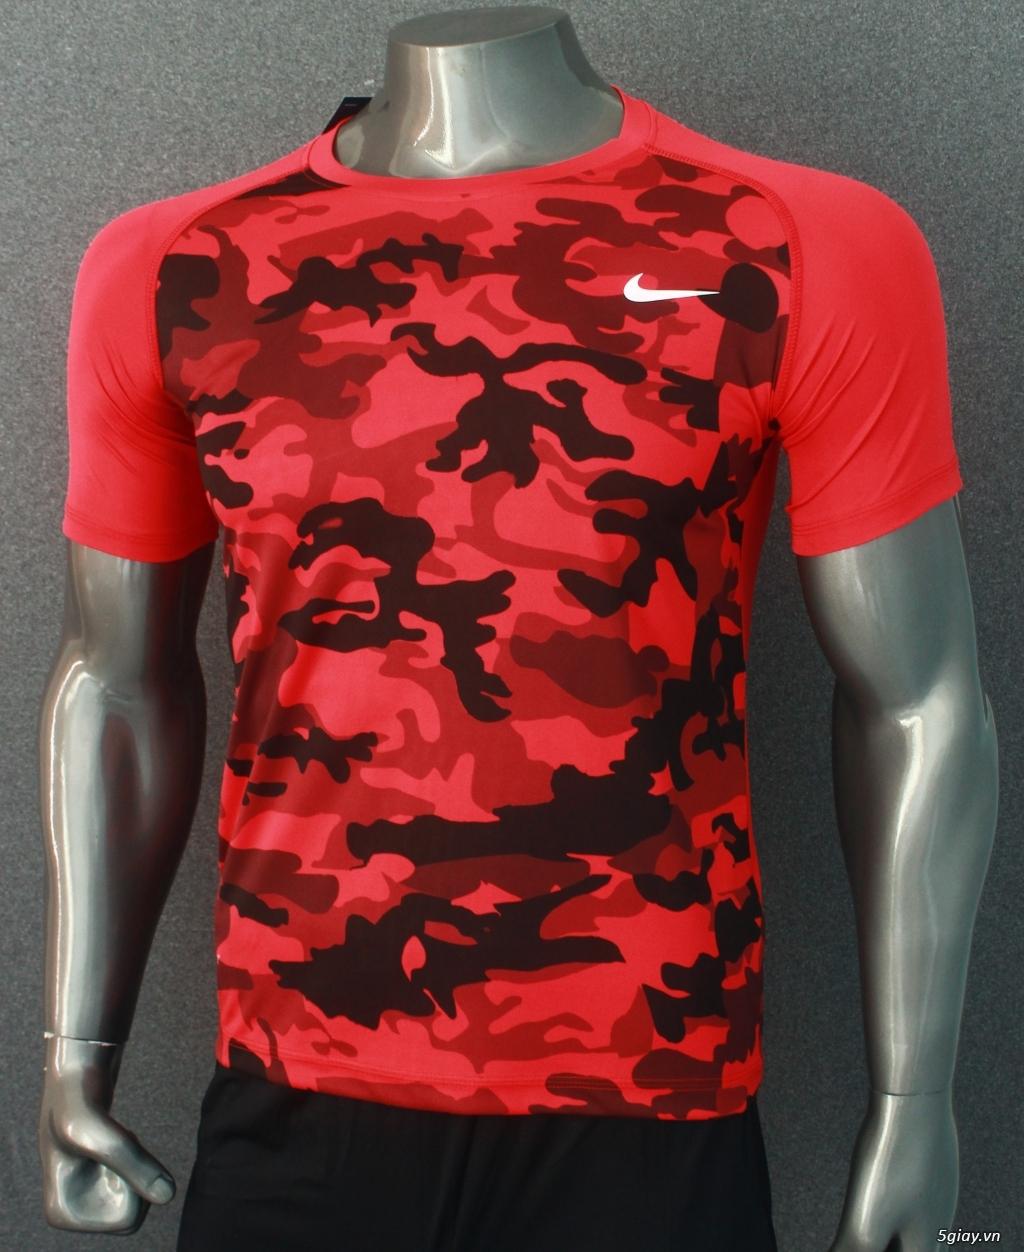 Chuyên cung cấp quần áo thể thao Adidas,Nike,Under Armour,Puma...trên Toàn Quốc giá xưởng - 10